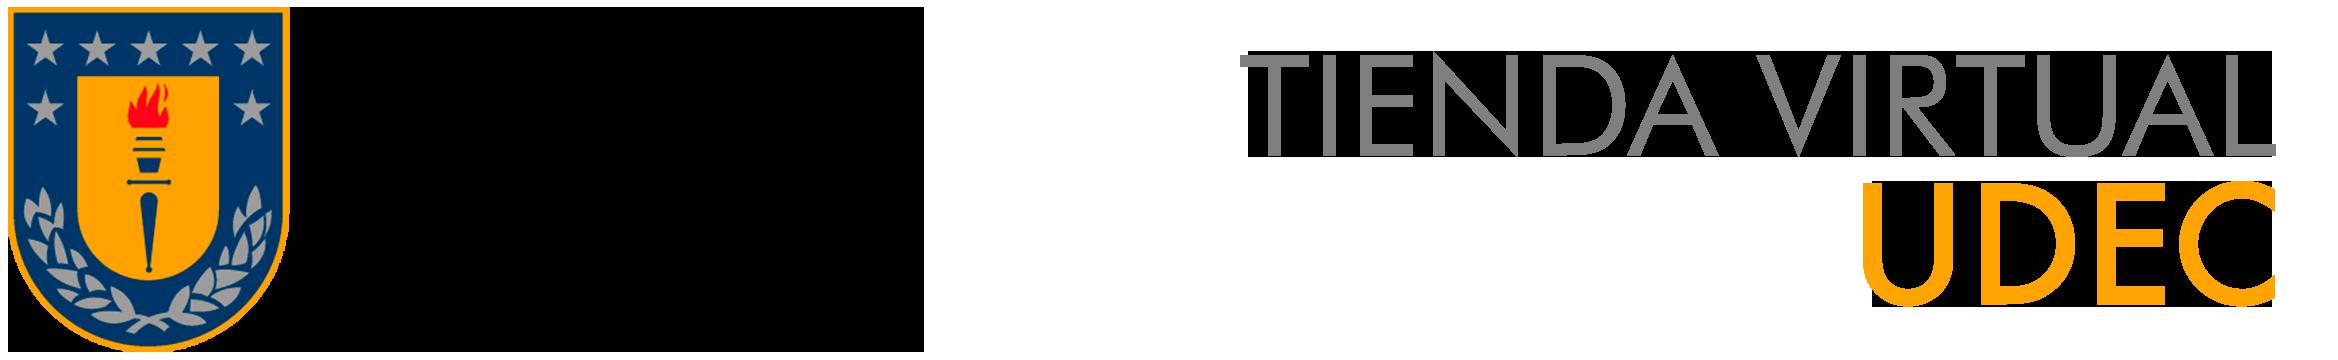 Tienda Virtual UdeC